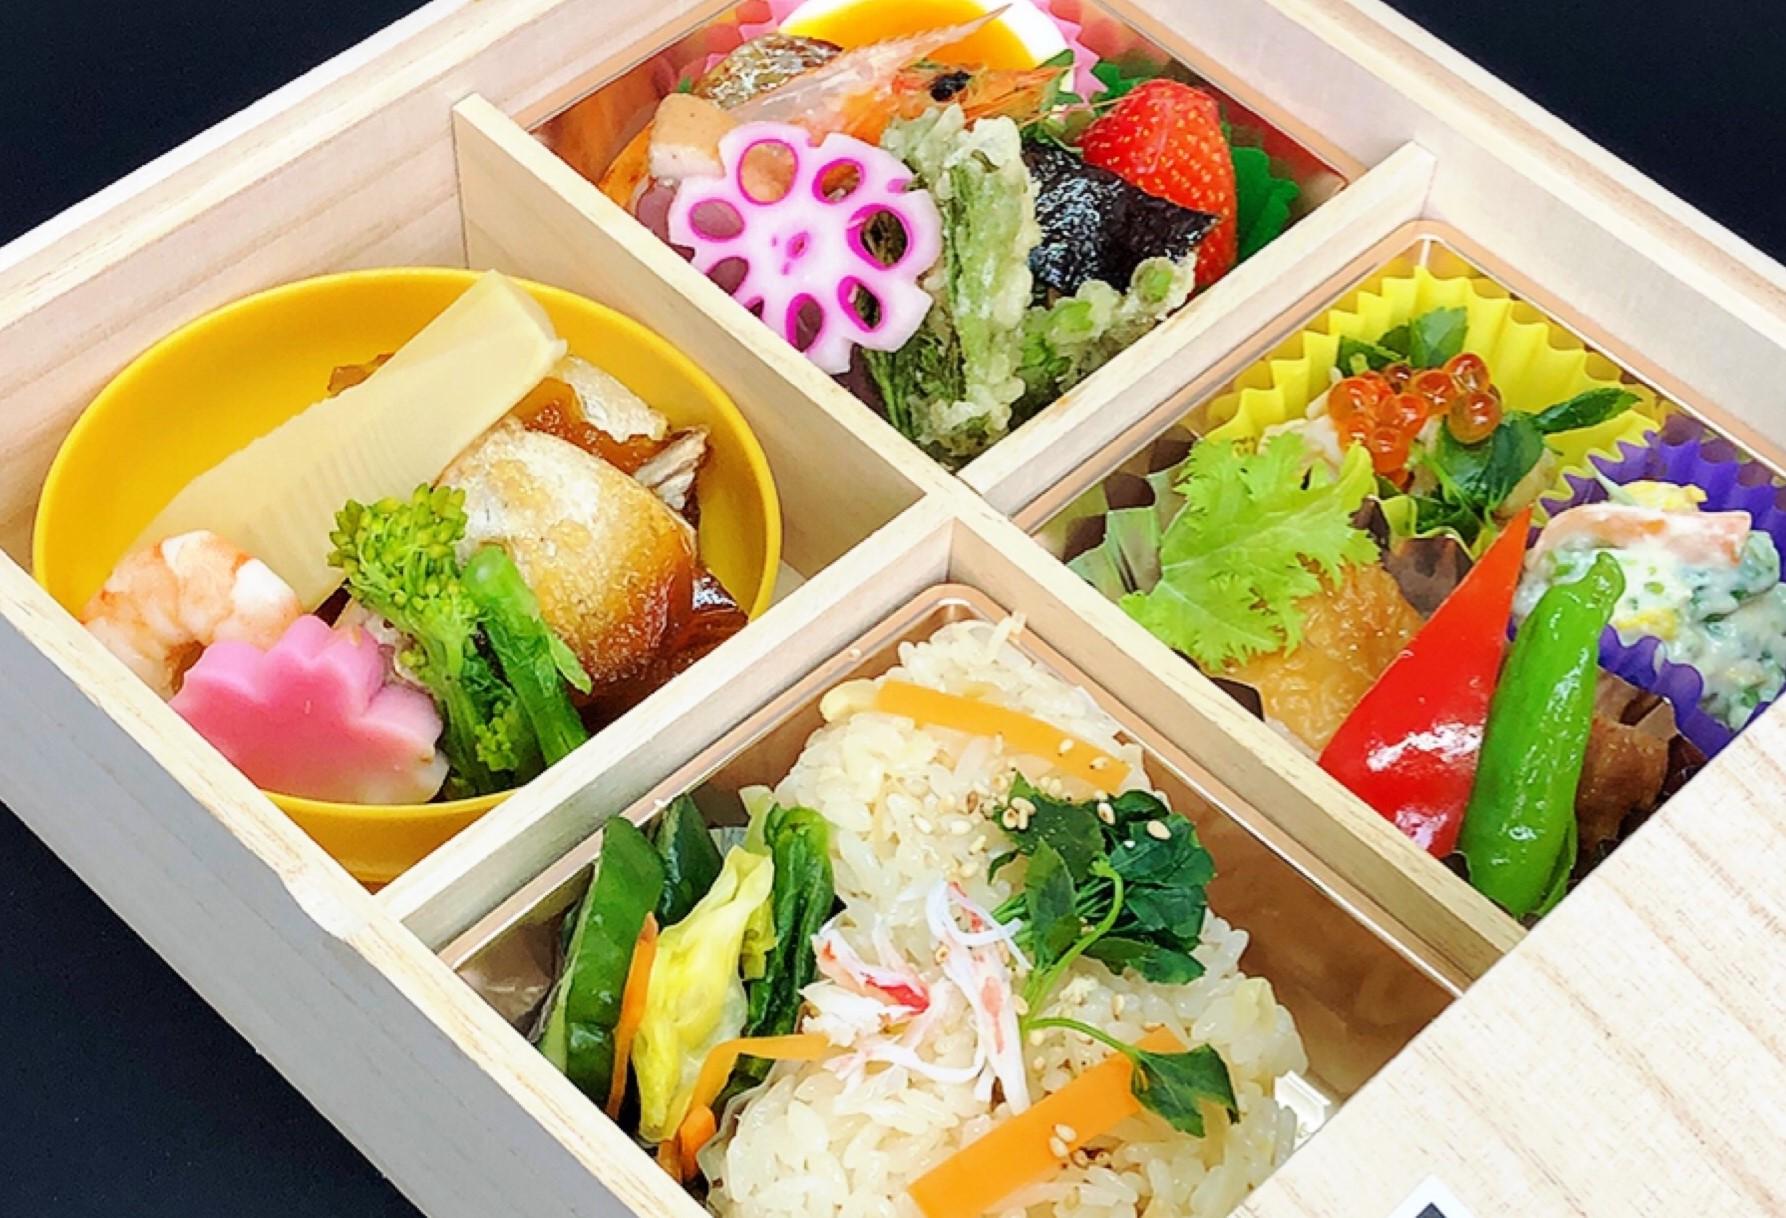 亀松閣のお弁当を、ご家庭・職場へお届けいたします。